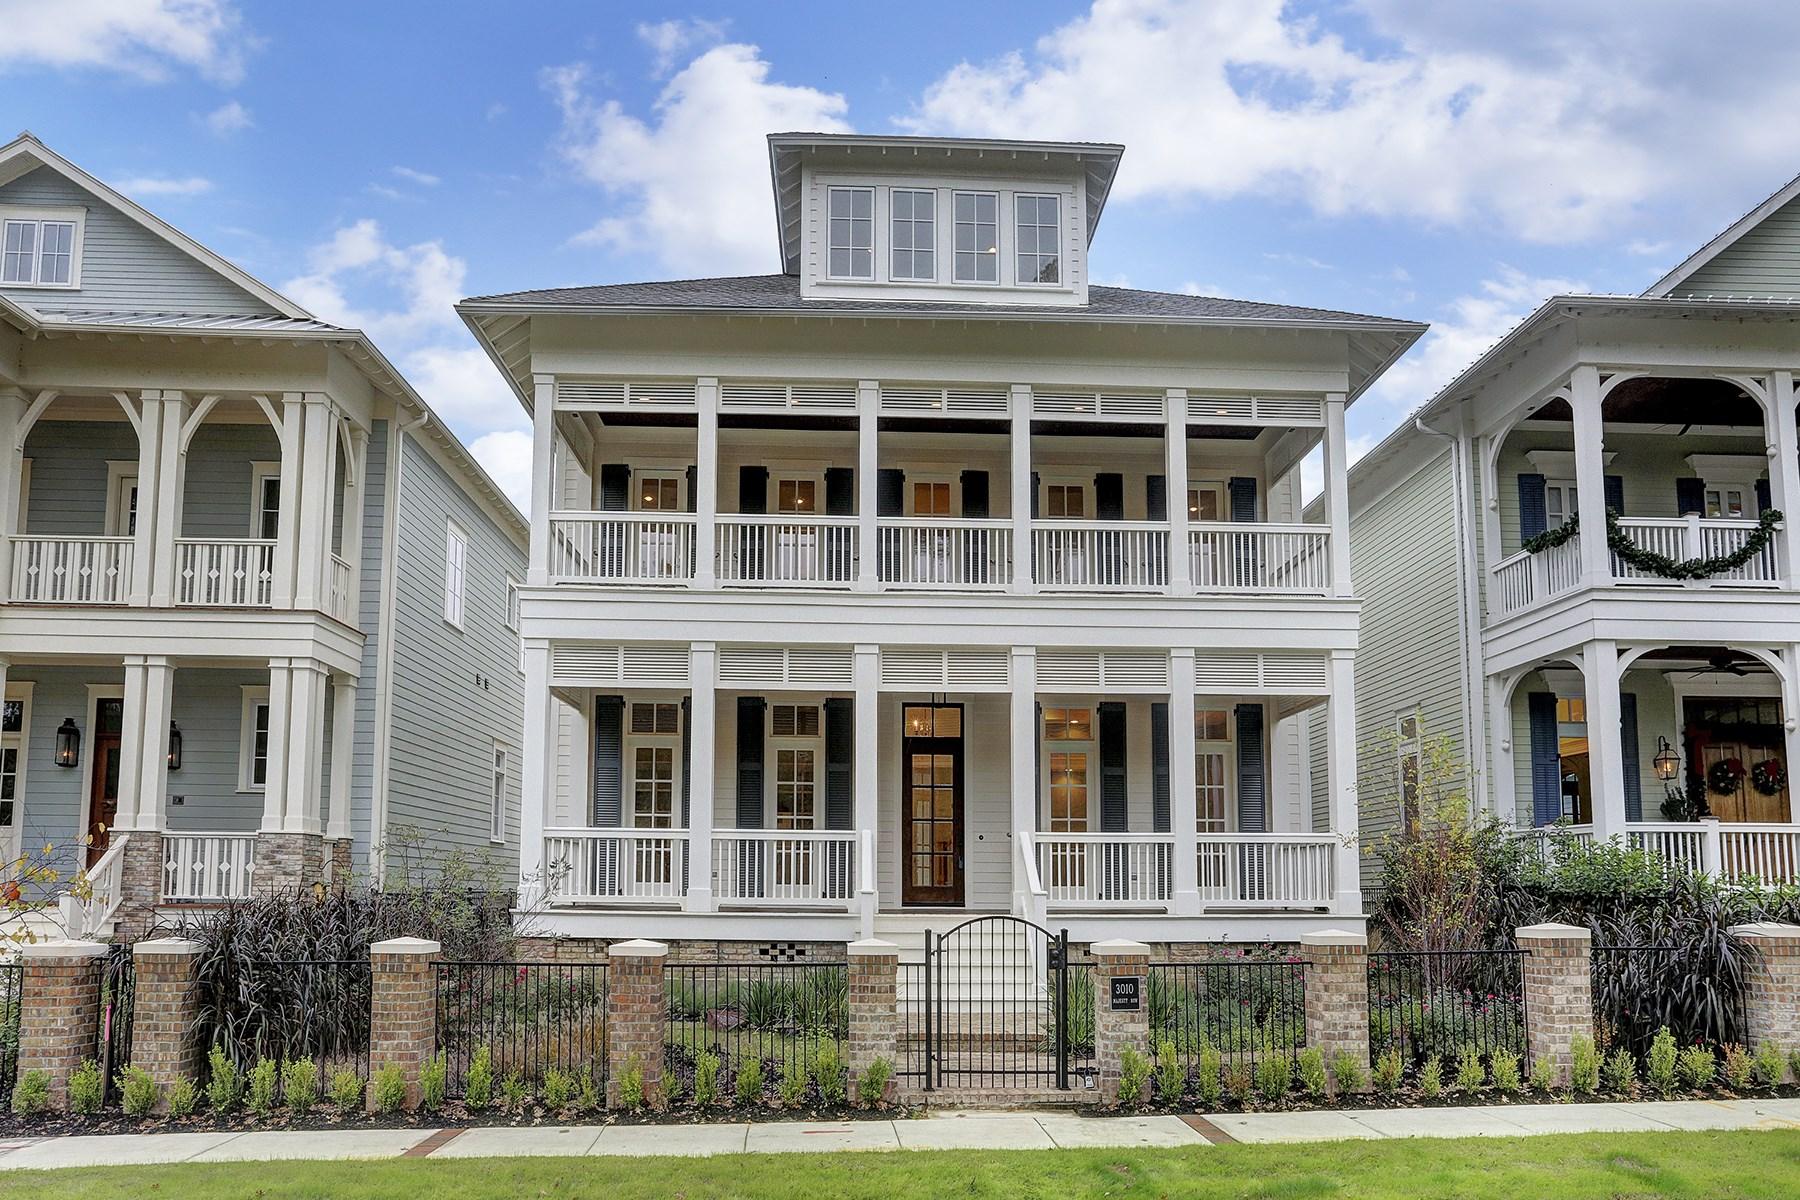 Einfamilienhaus für Verkauf beim 3010 Majesty Row The Woodlands, Texas 77380 Vereinigte Staaten